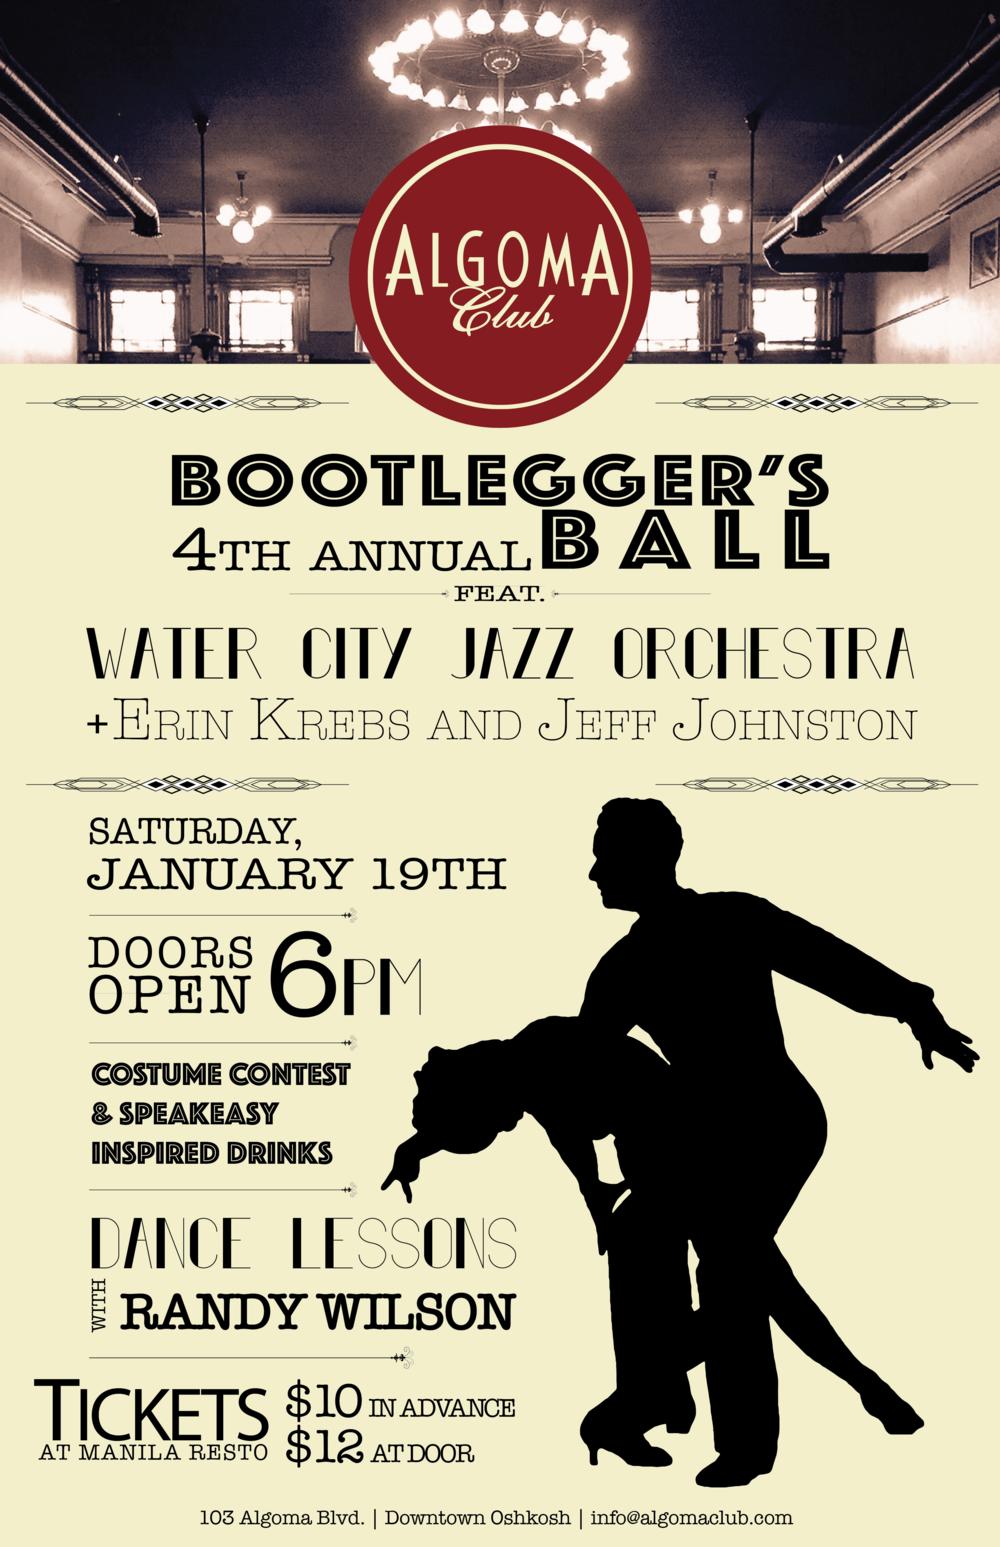 Bootlegger's Ball Poster 2019.png